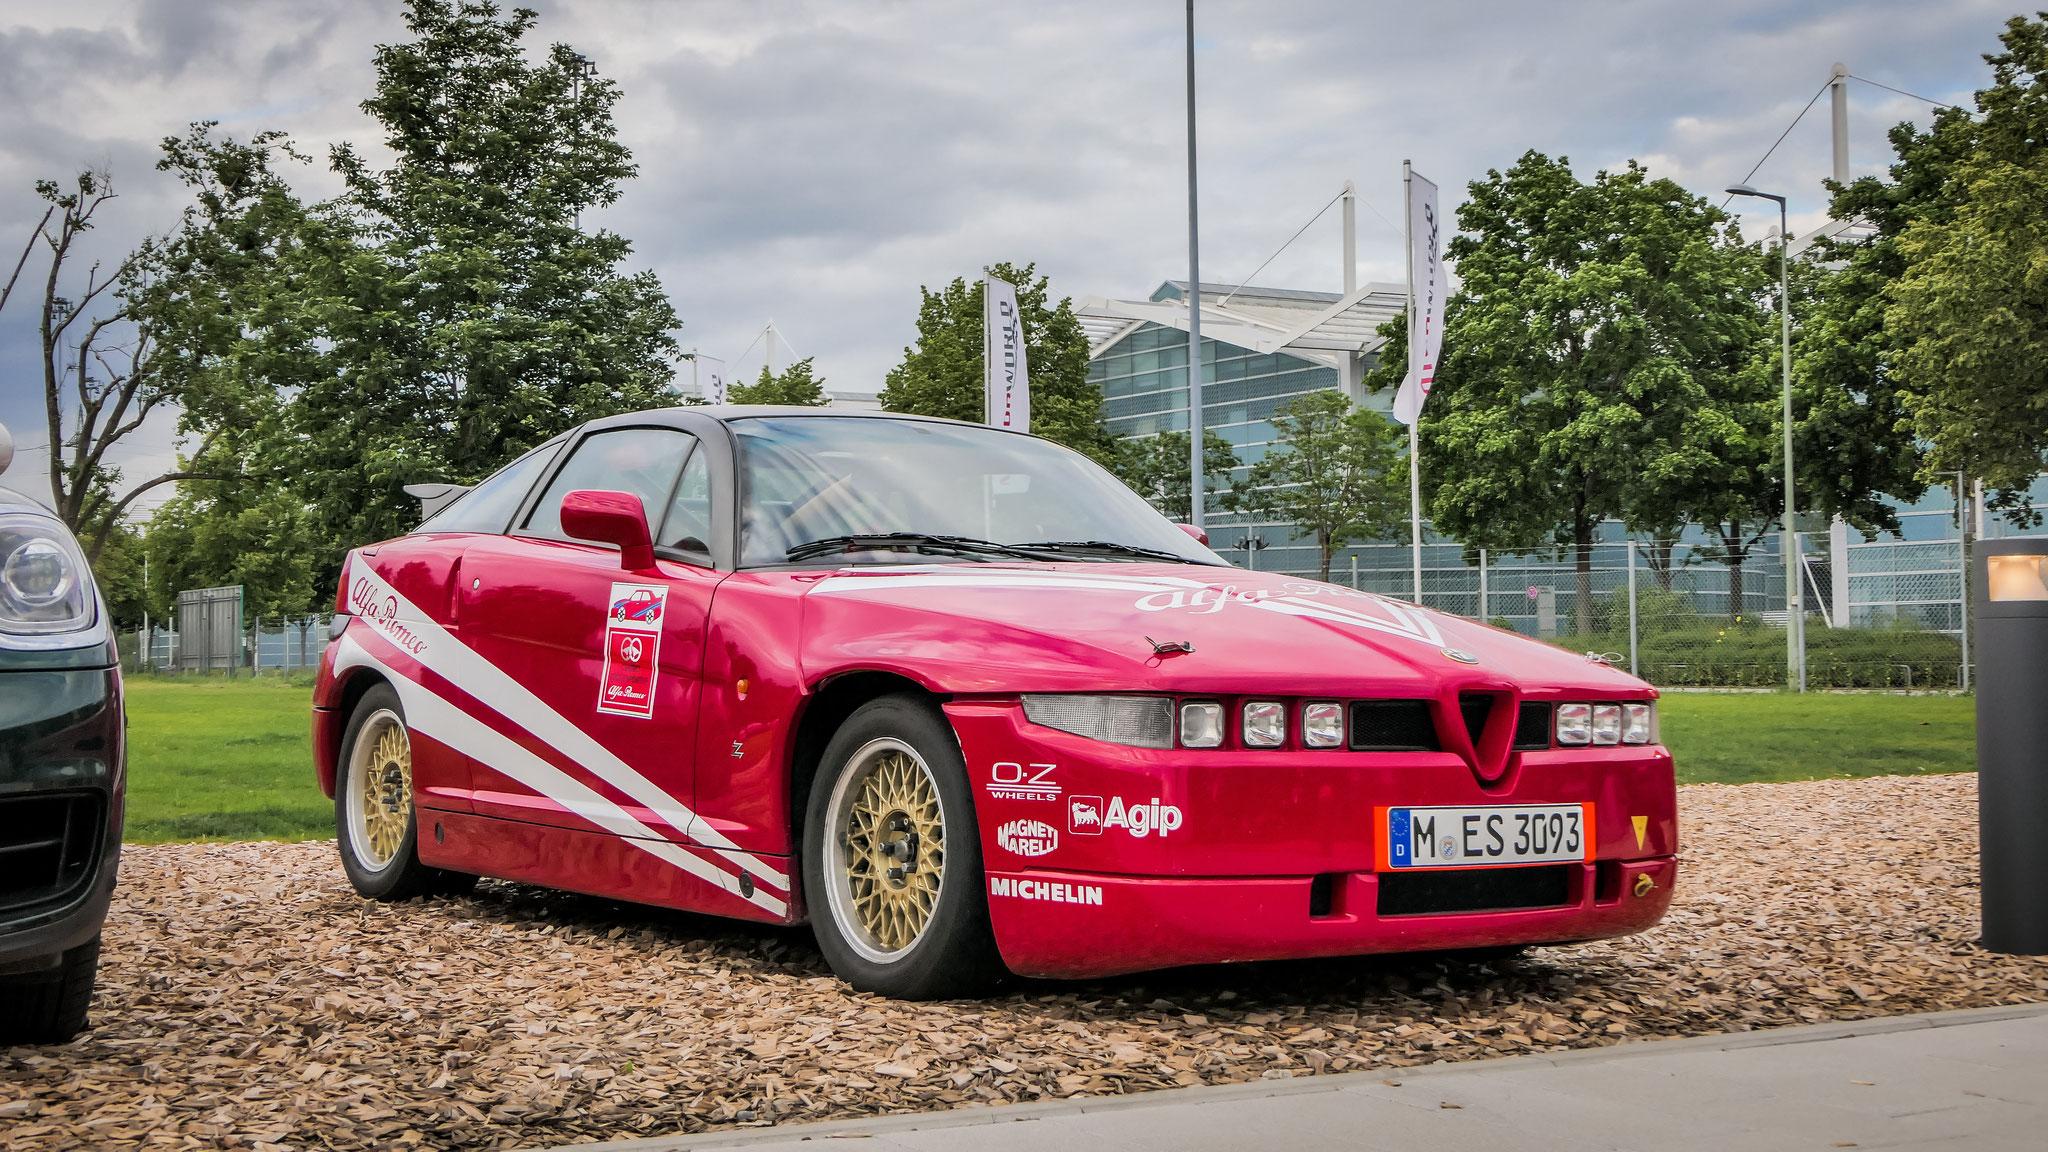 Alfa Romeo ES 30 - M-ES-3093